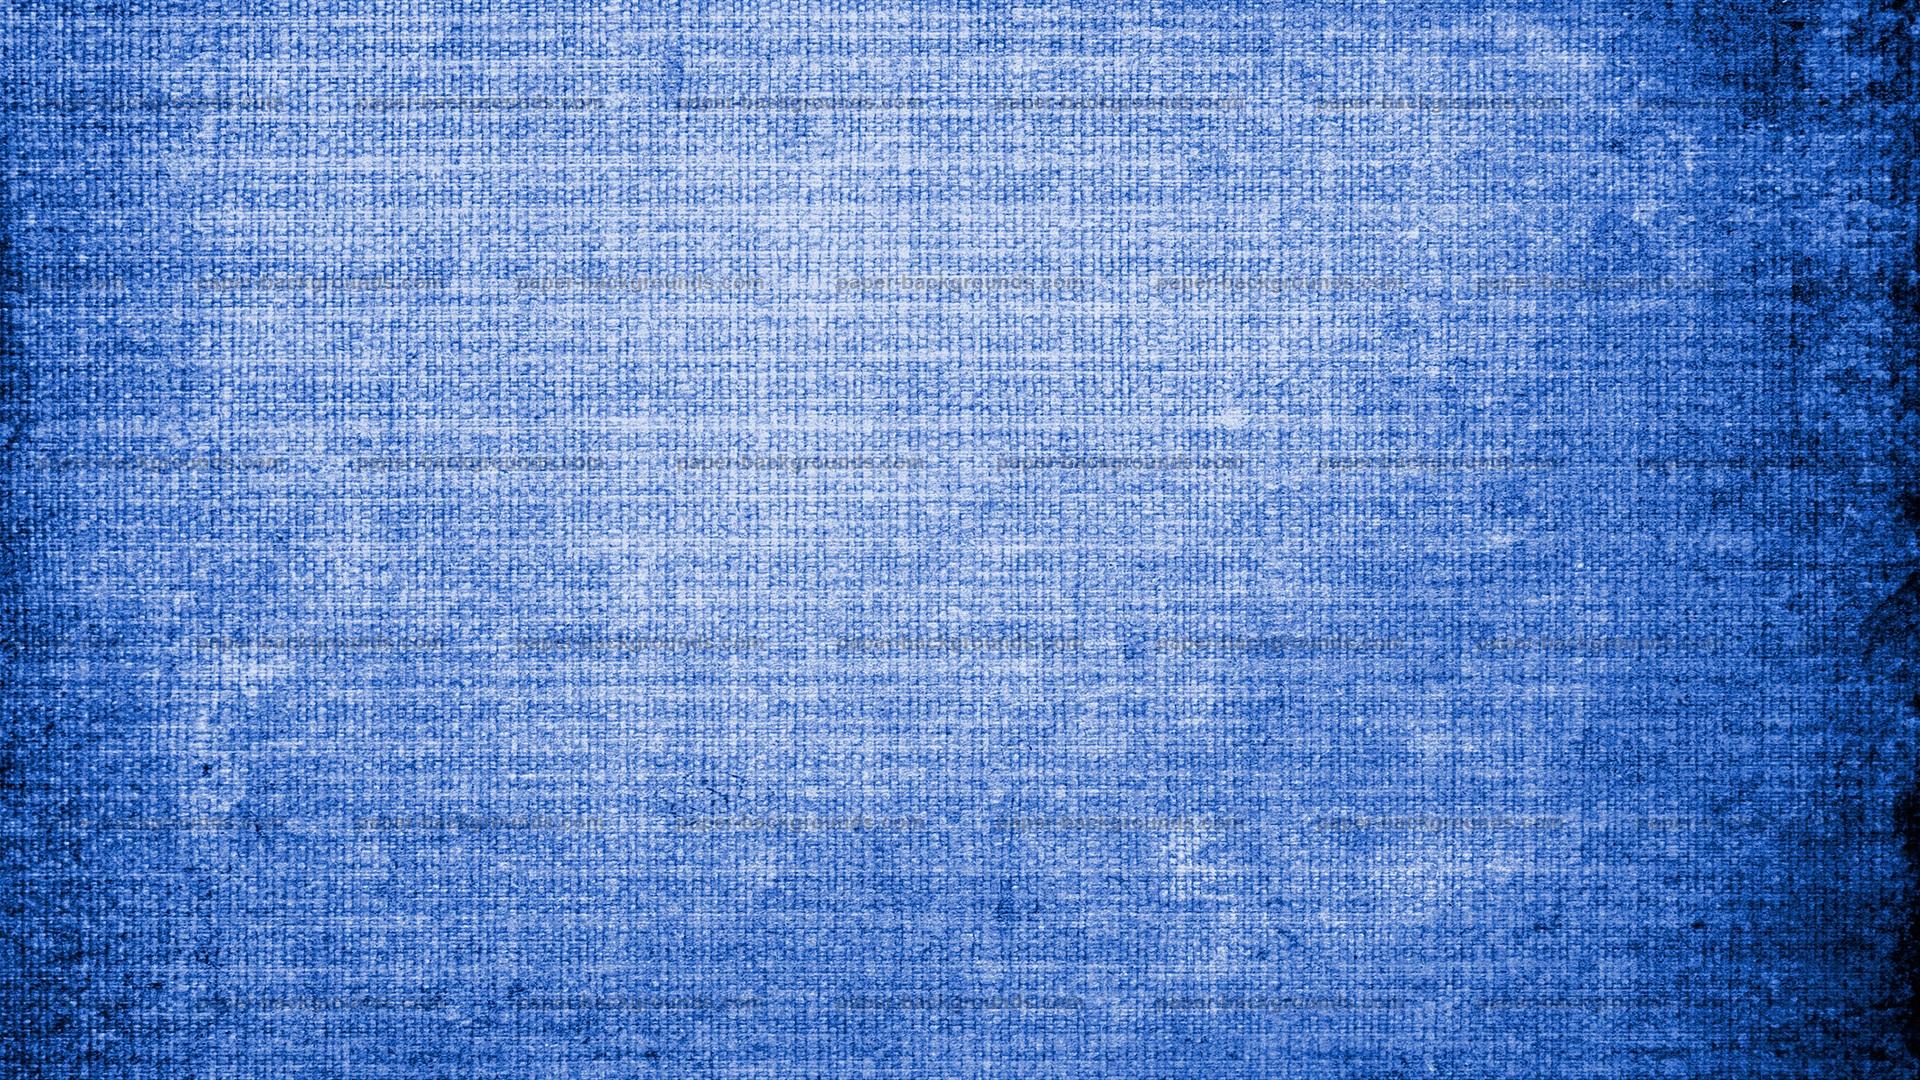 Vintage Blue Canvas Texture Background HD 1920 x 1080p 1920x1080